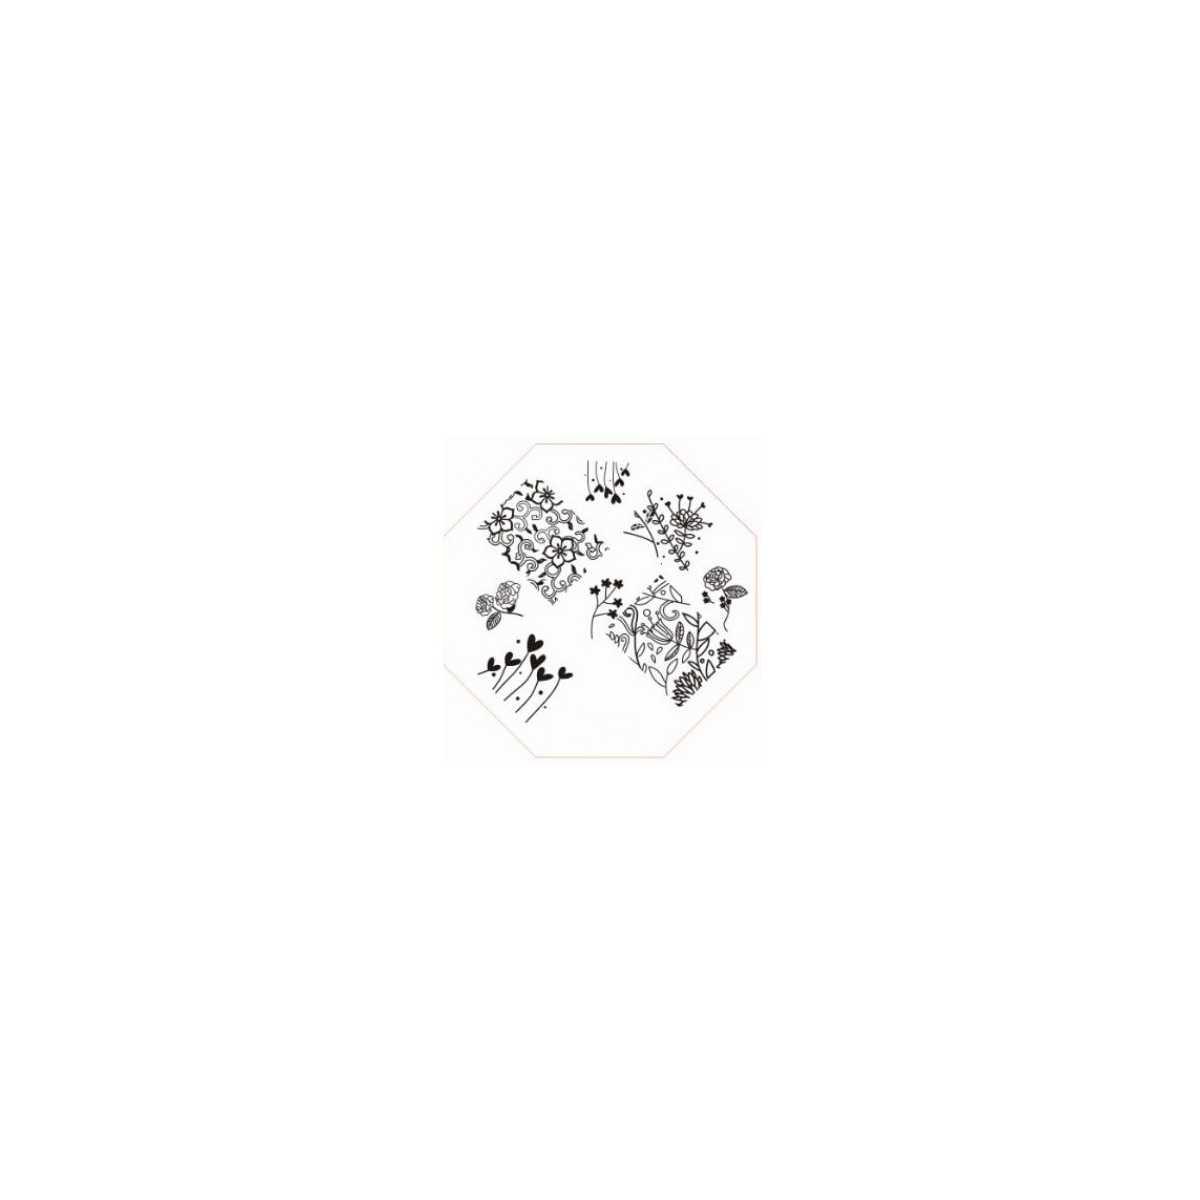 https://www.kit-manucure.com/2135-thickbox_default/plaque-de-stamping-cœur-fleurs-végétation-et-roses.jpg